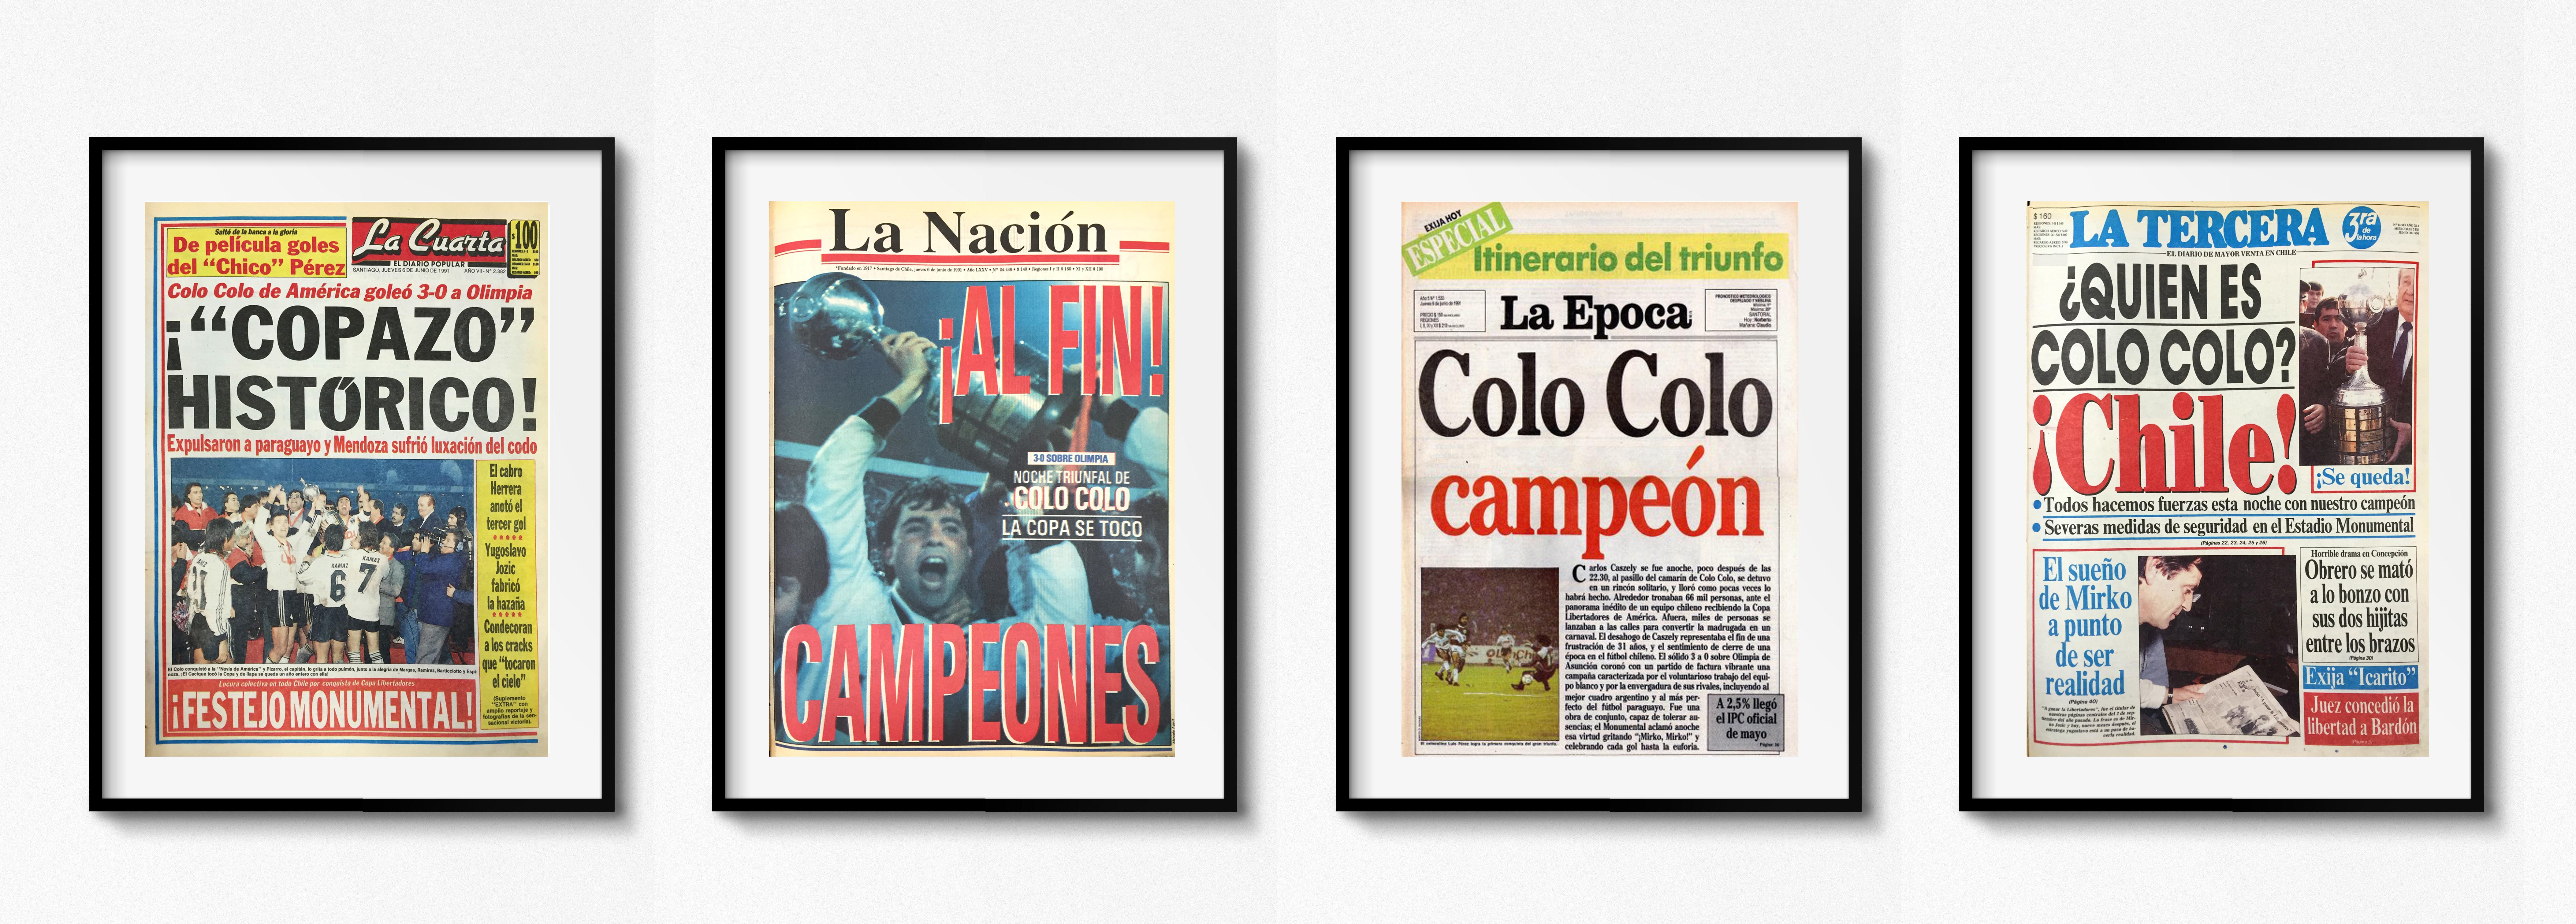 Todas Colo Colo 1991